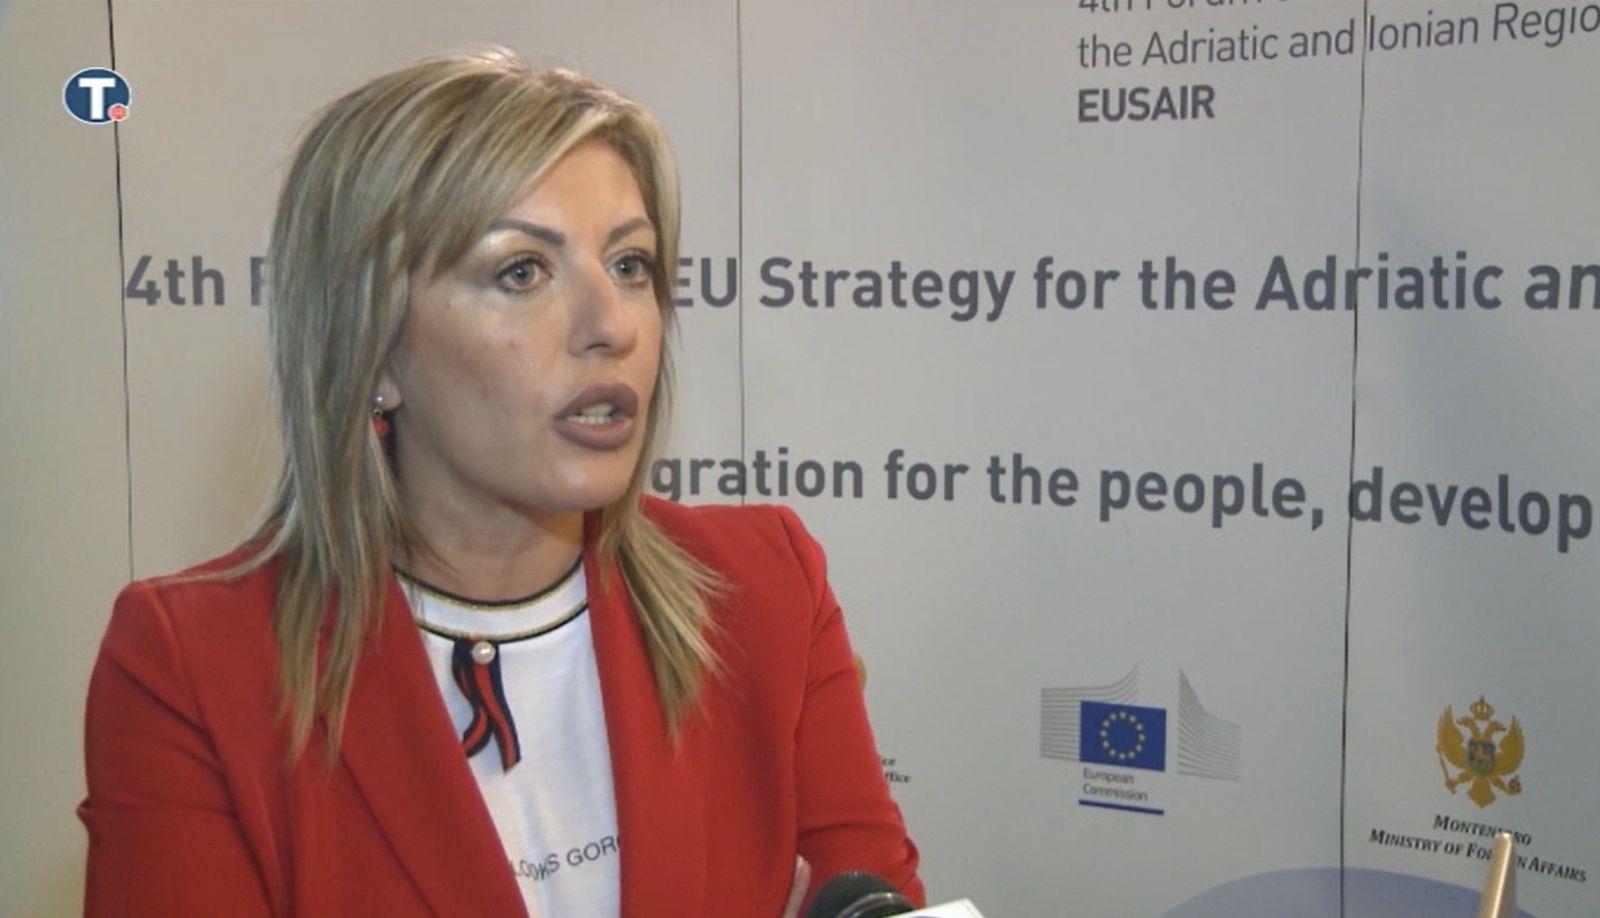 """Ј. Јоксимовић: ЕУ да осуди злоупотребу појма """"геноцид"""""""